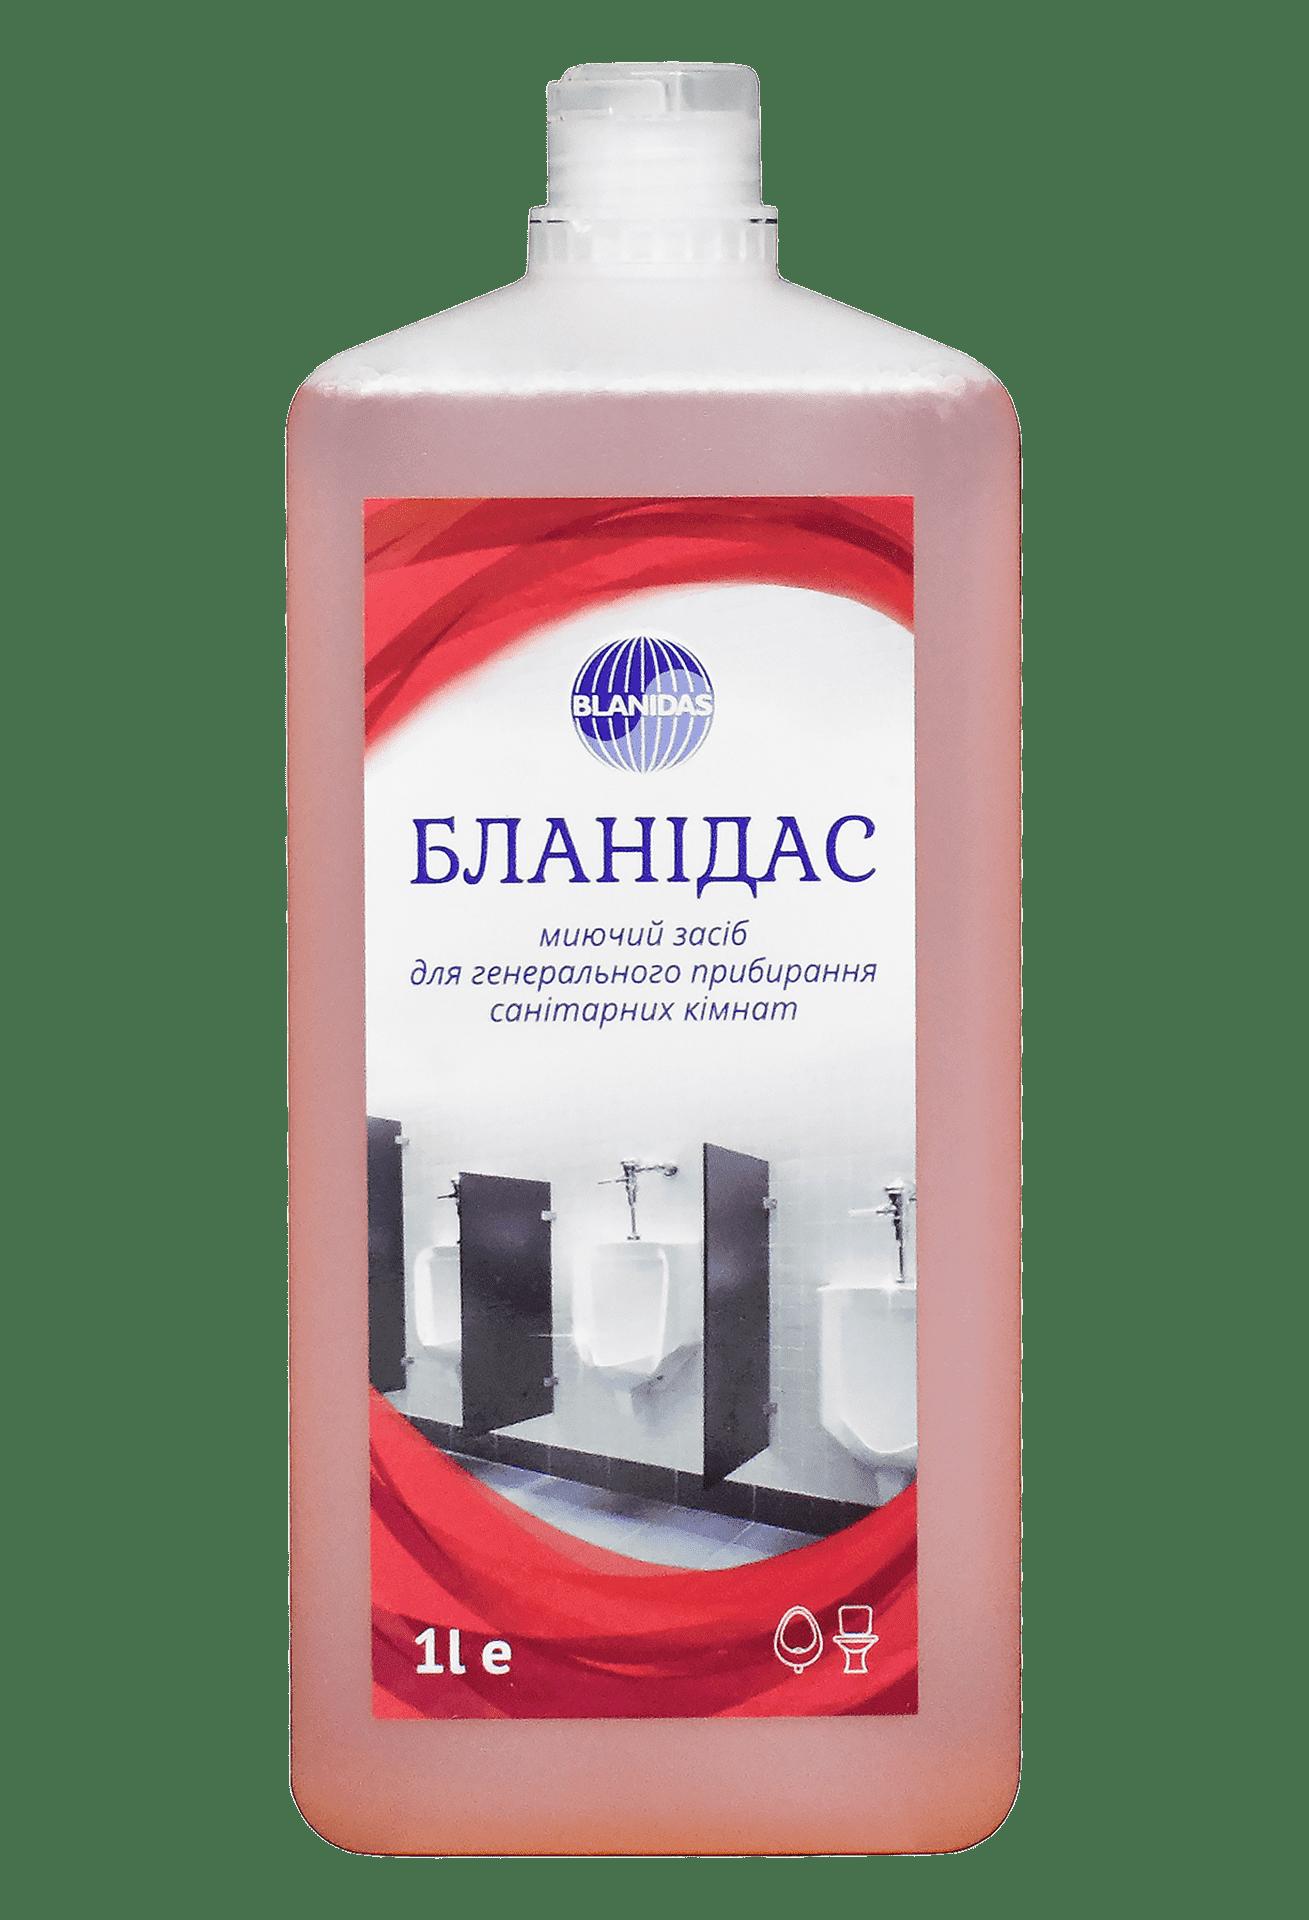 Бланідас- миючий засіб для генерального прибирання санітарних кімнат, 1л